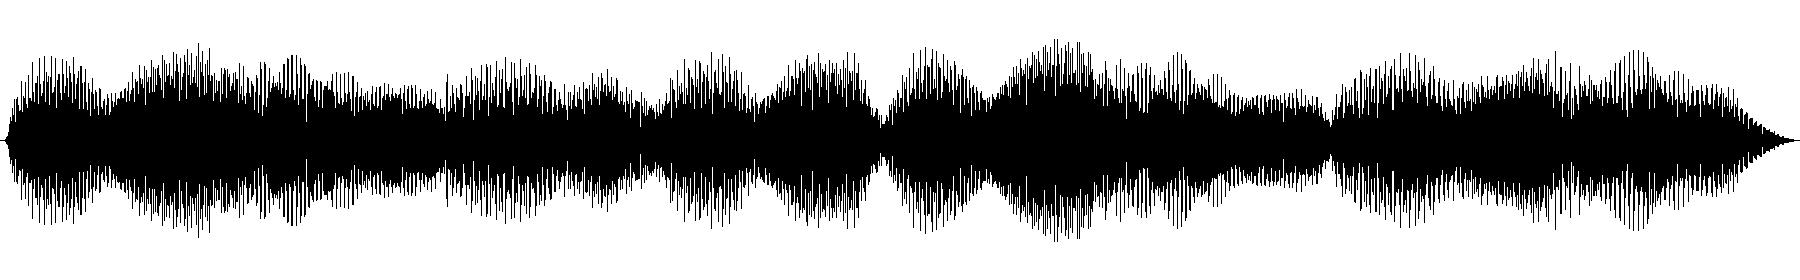 pad melody 1